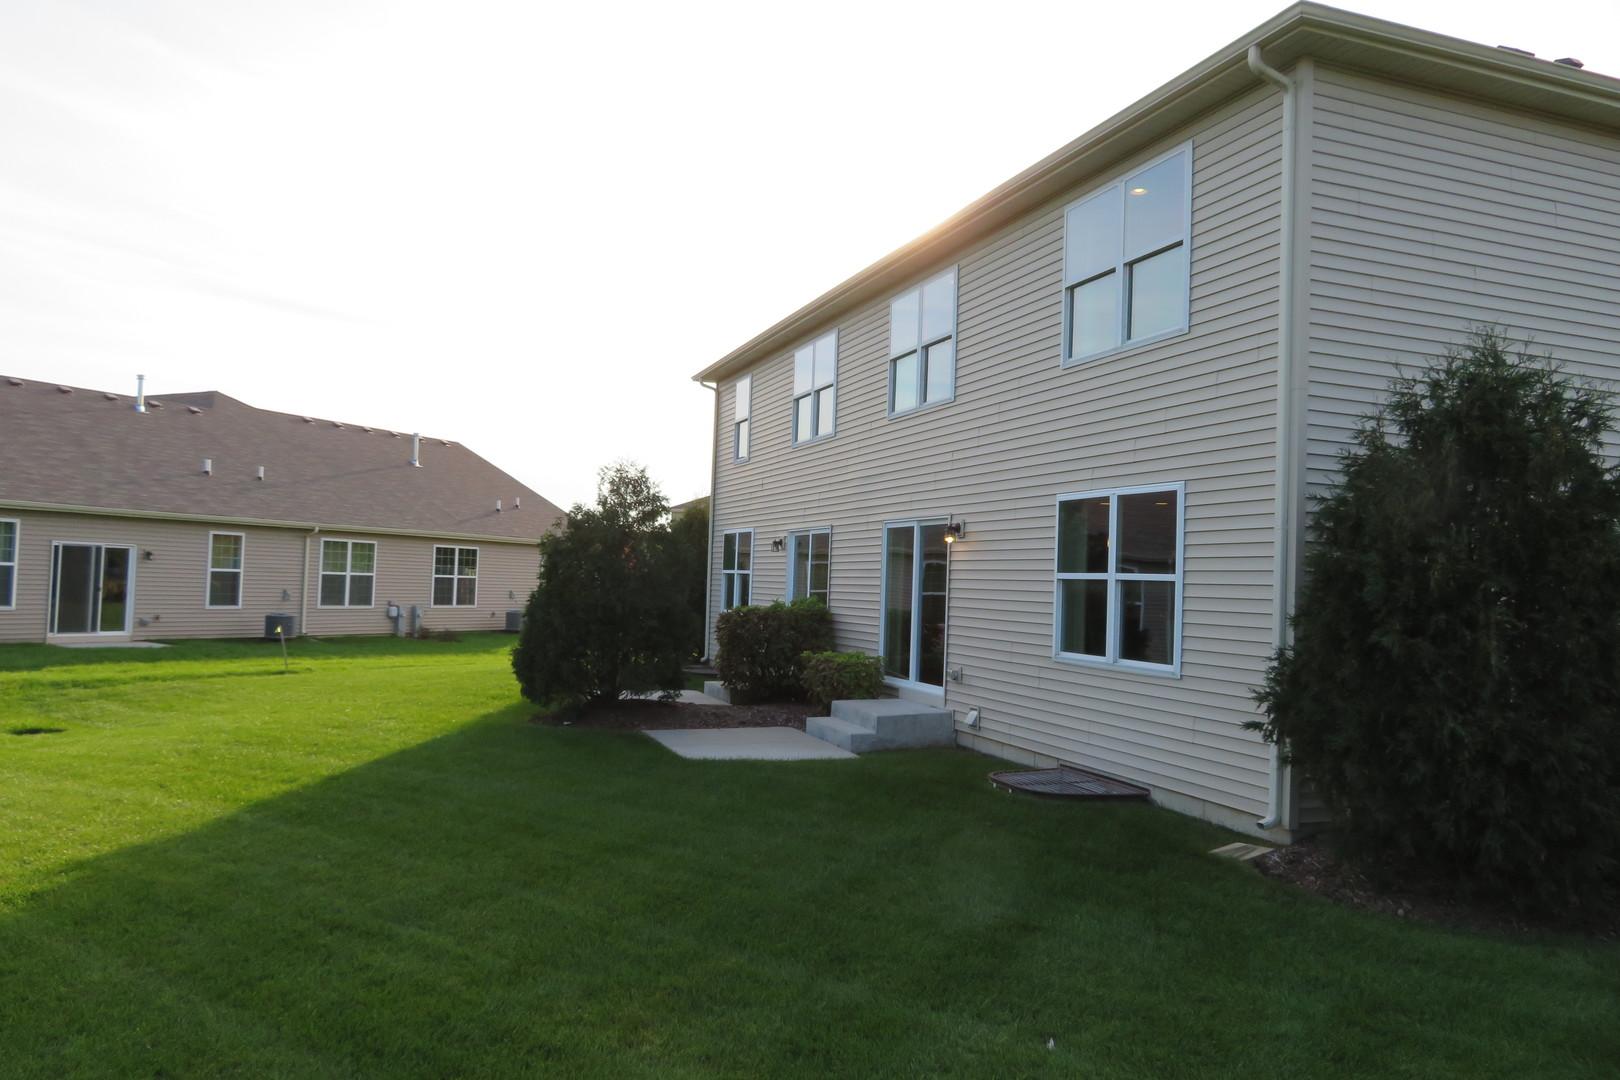 7125 Country Club Hills, Fox Lake, Illinois, 60020